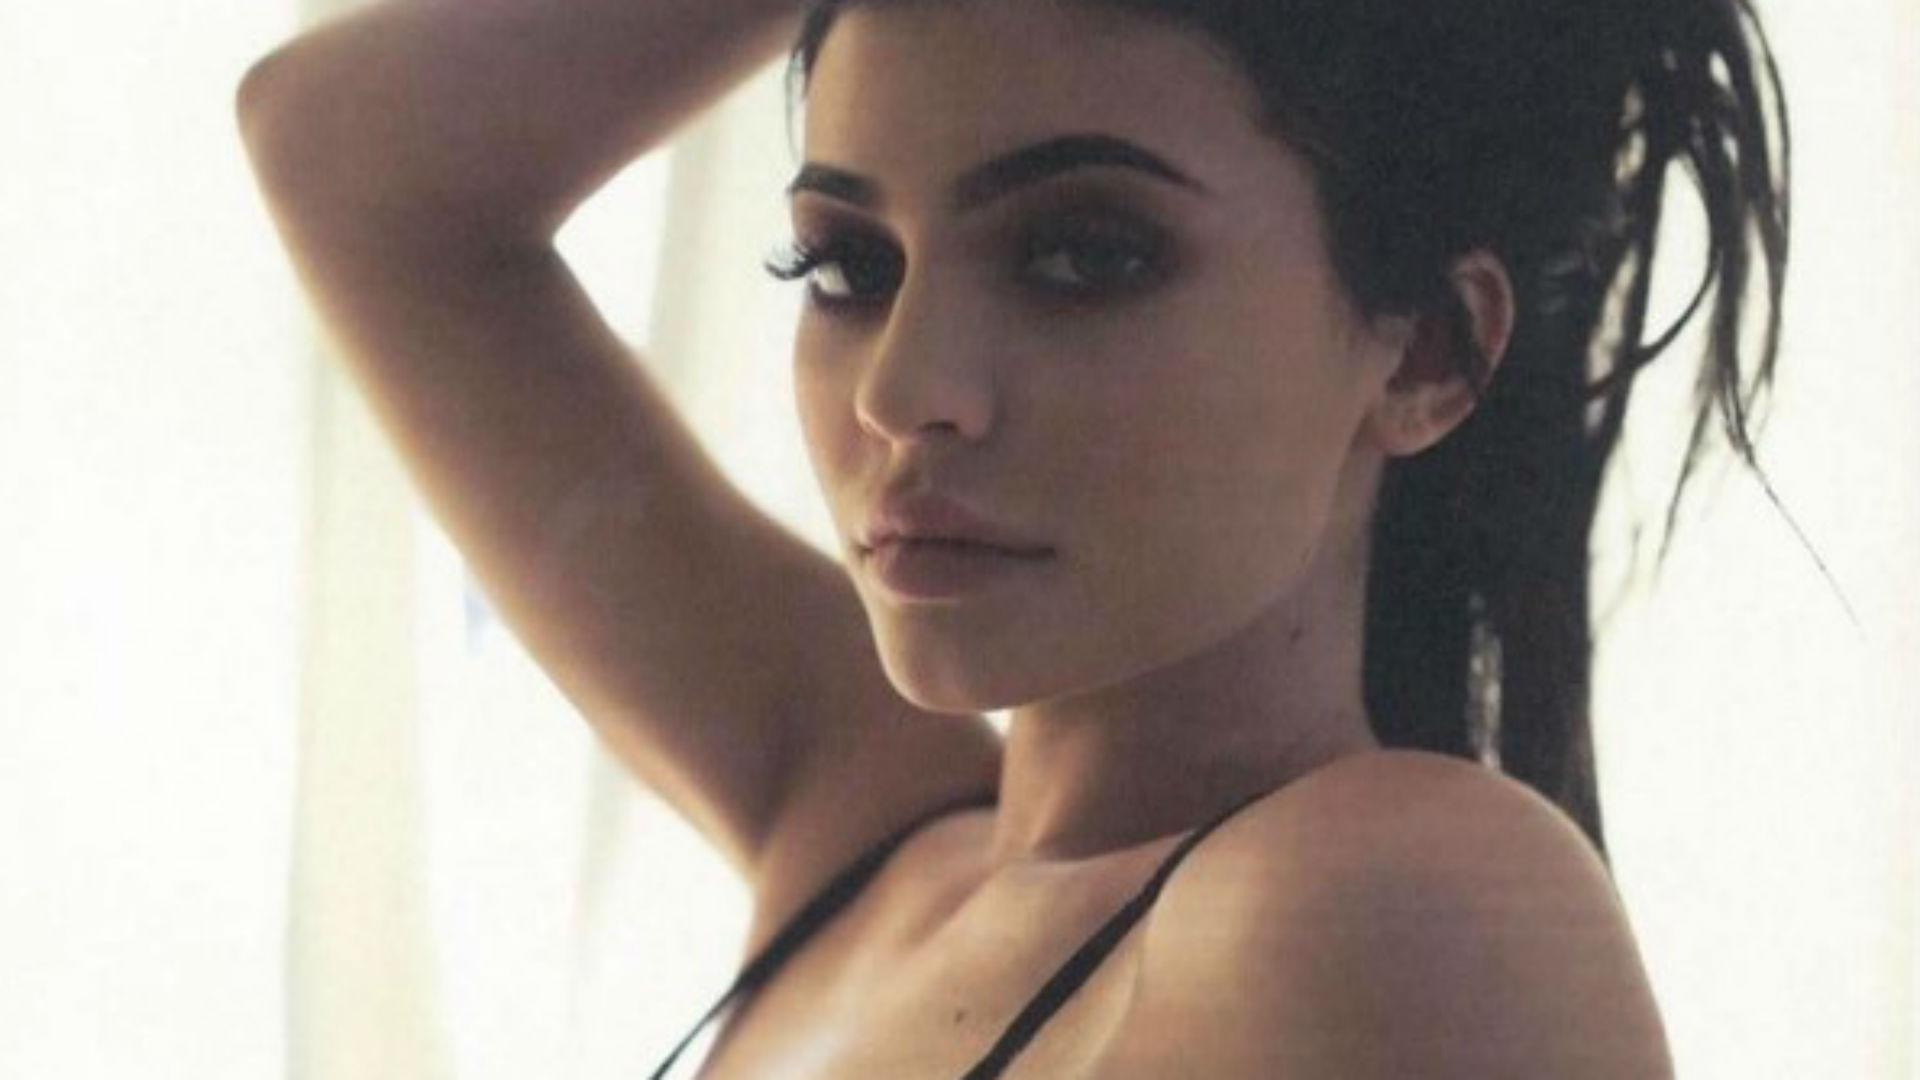 Kylie Jenner Apareció Mostrando Sus Pechos En Instagram Foto